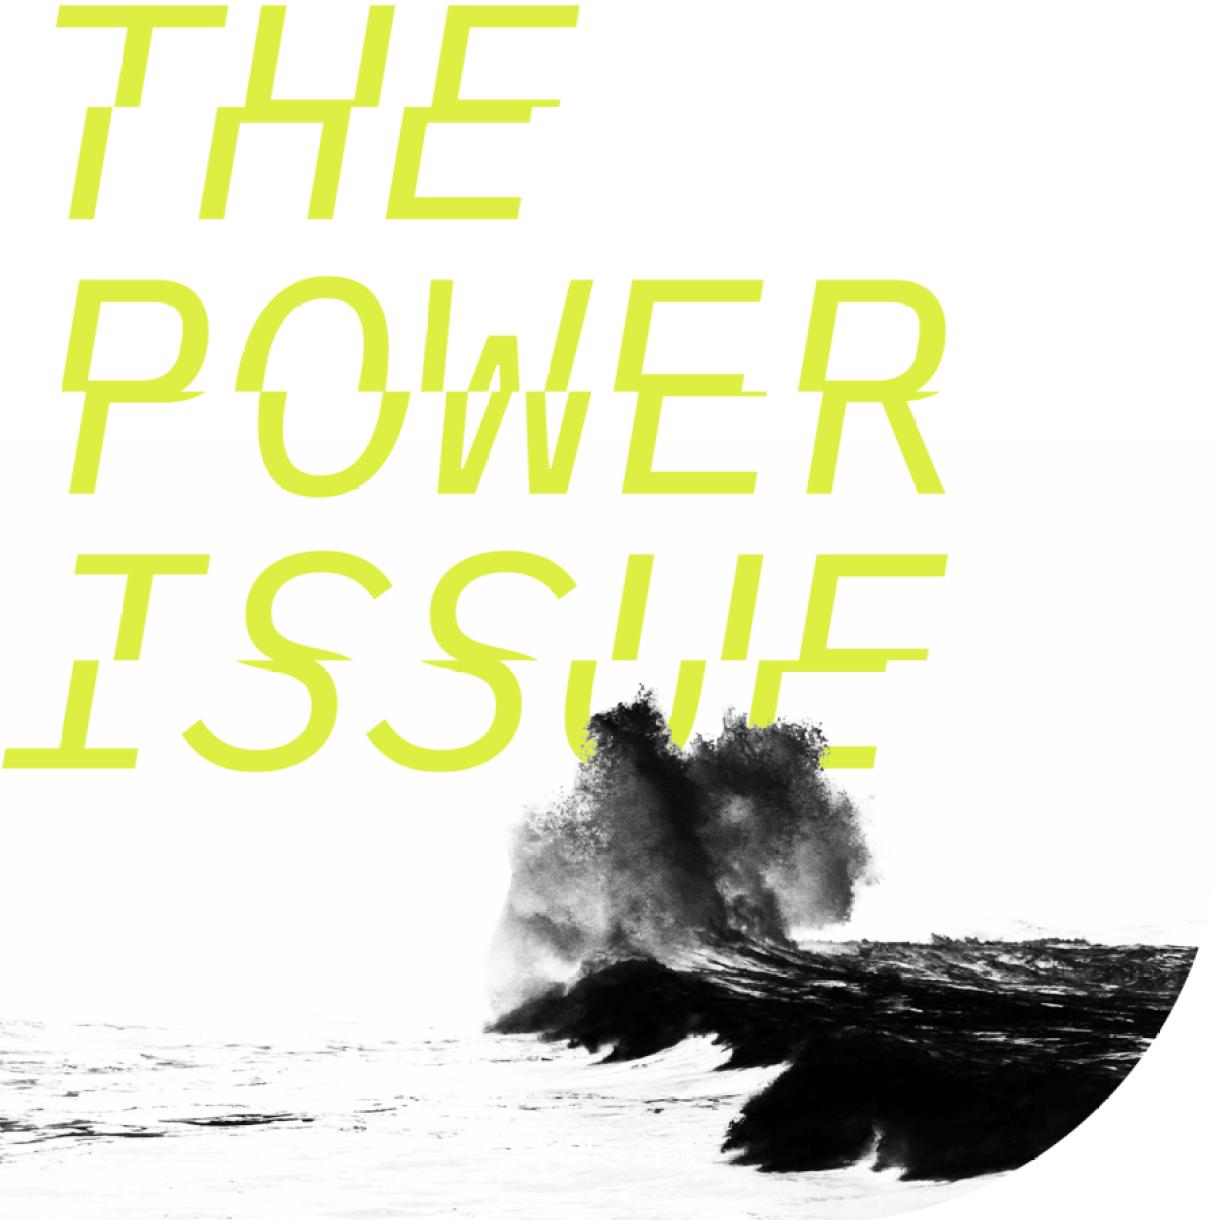 the power issue [img: crashing wave]